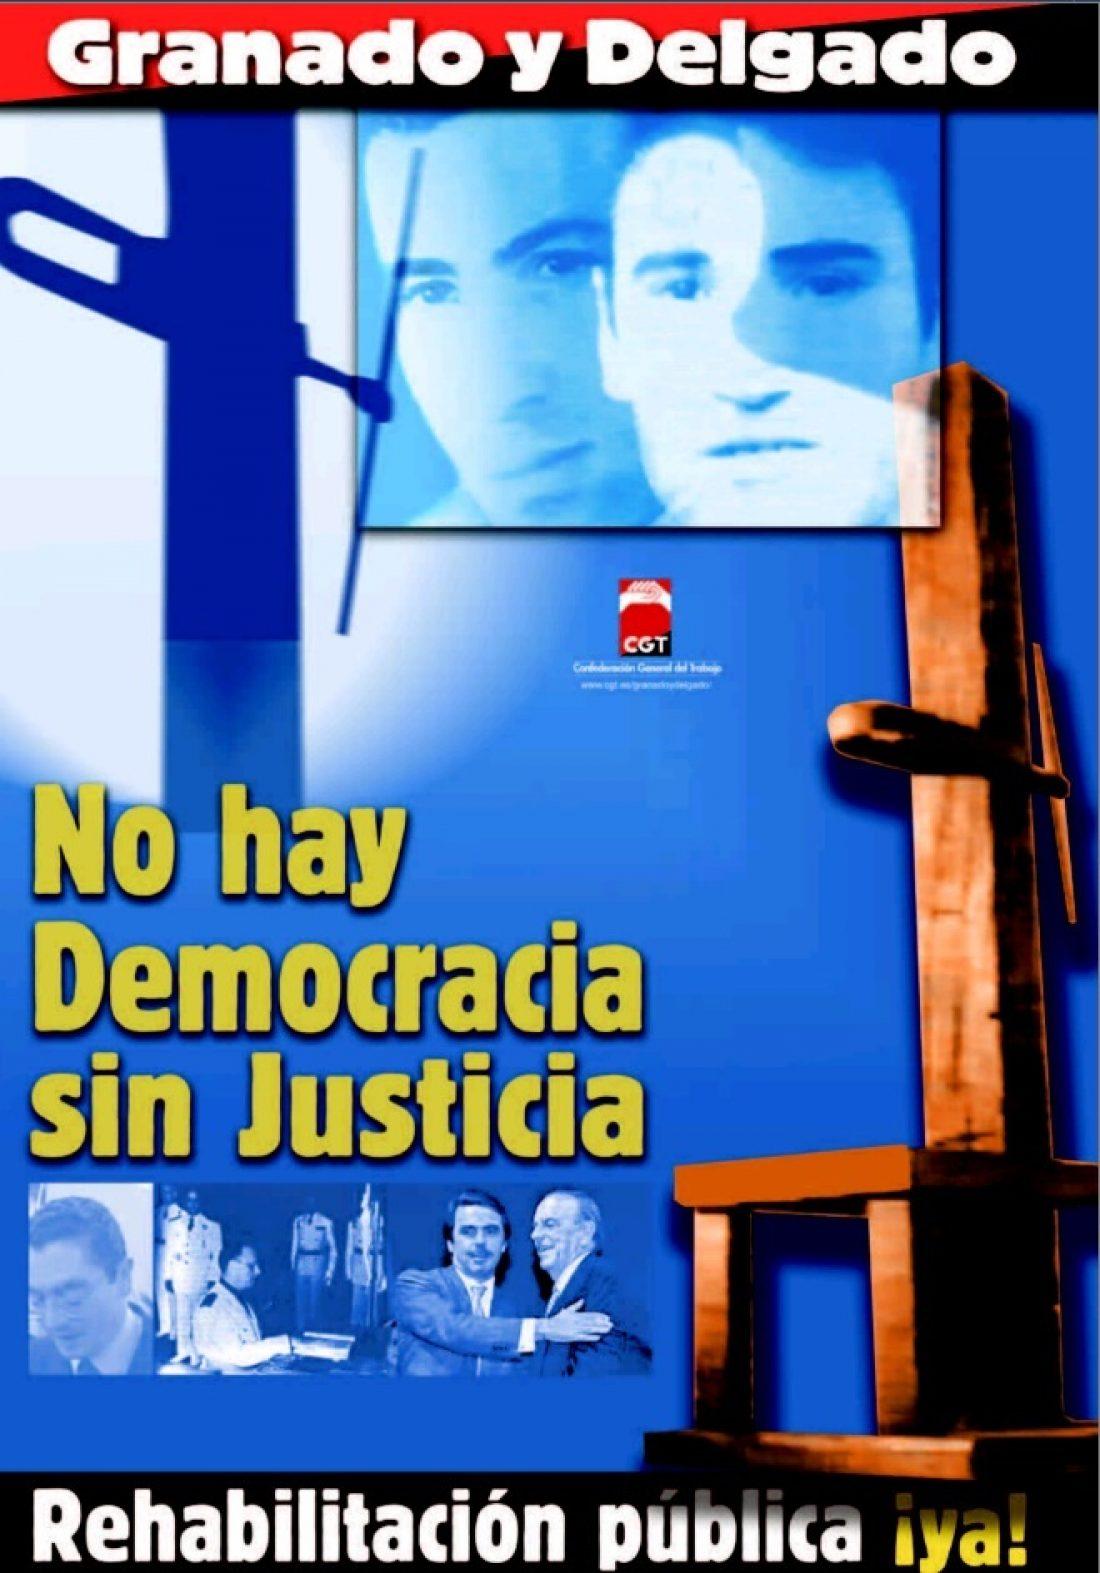 CGT entrega dossier del caso Granado y Delgado al Relator de la ONU